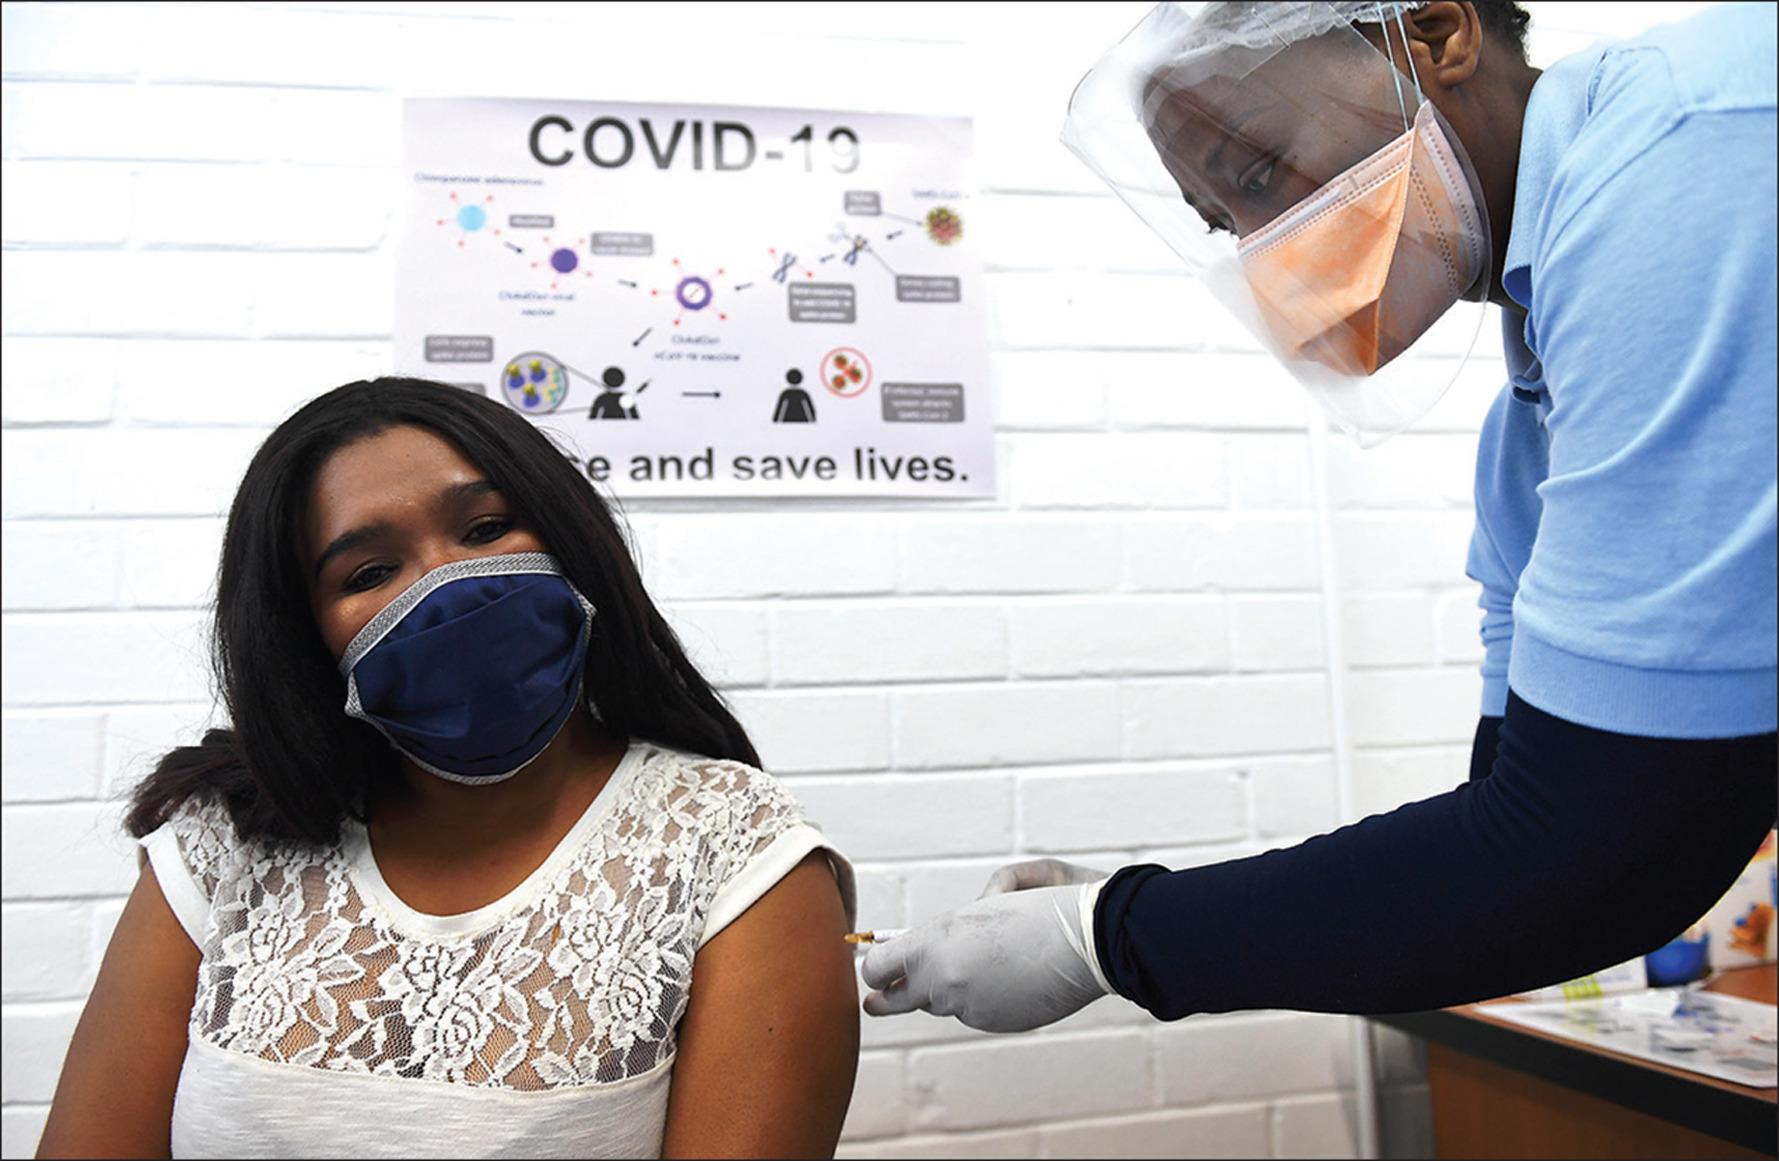 oxford astrazeneca covid 19 vaccine